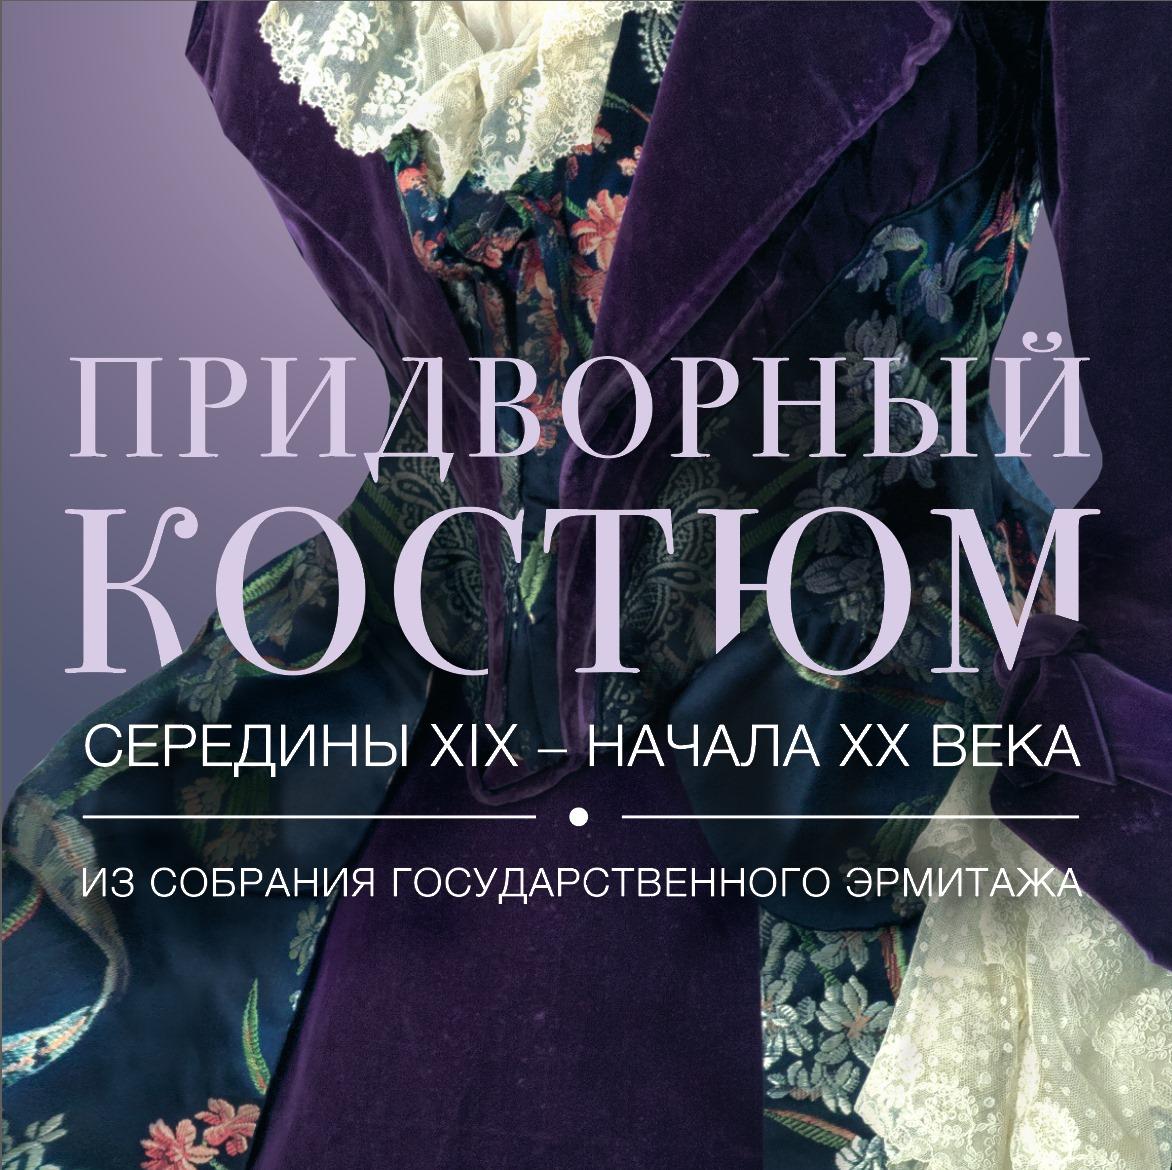 Исторический музей выставка костюма